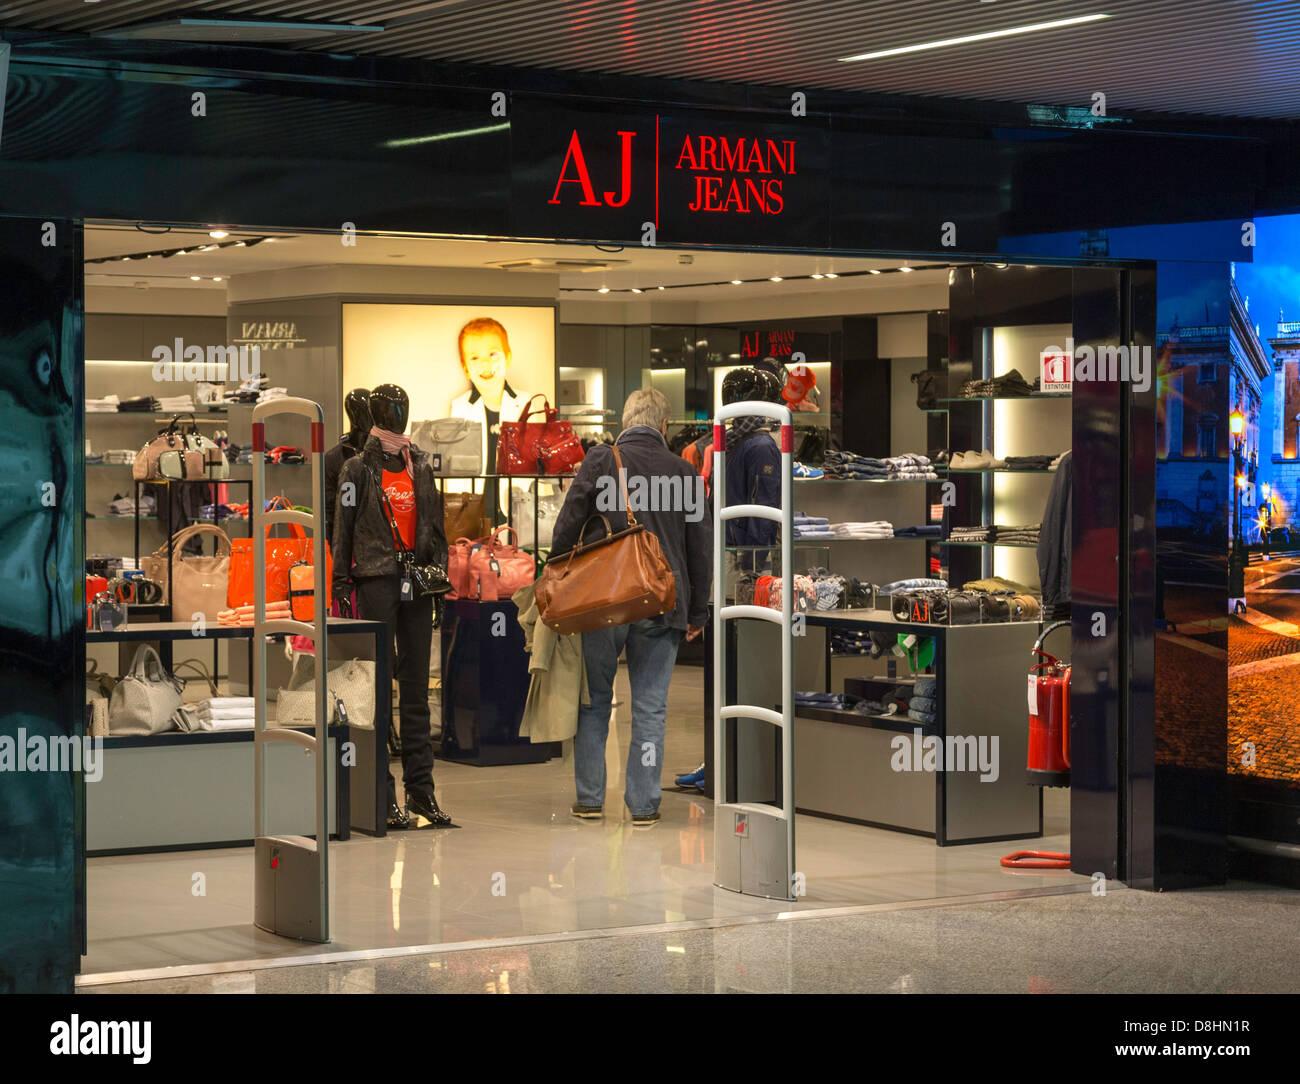 ceb48ad2df Armani Jeans shop, Fiumicino Airport, Rome, Italy Stock Photo ...